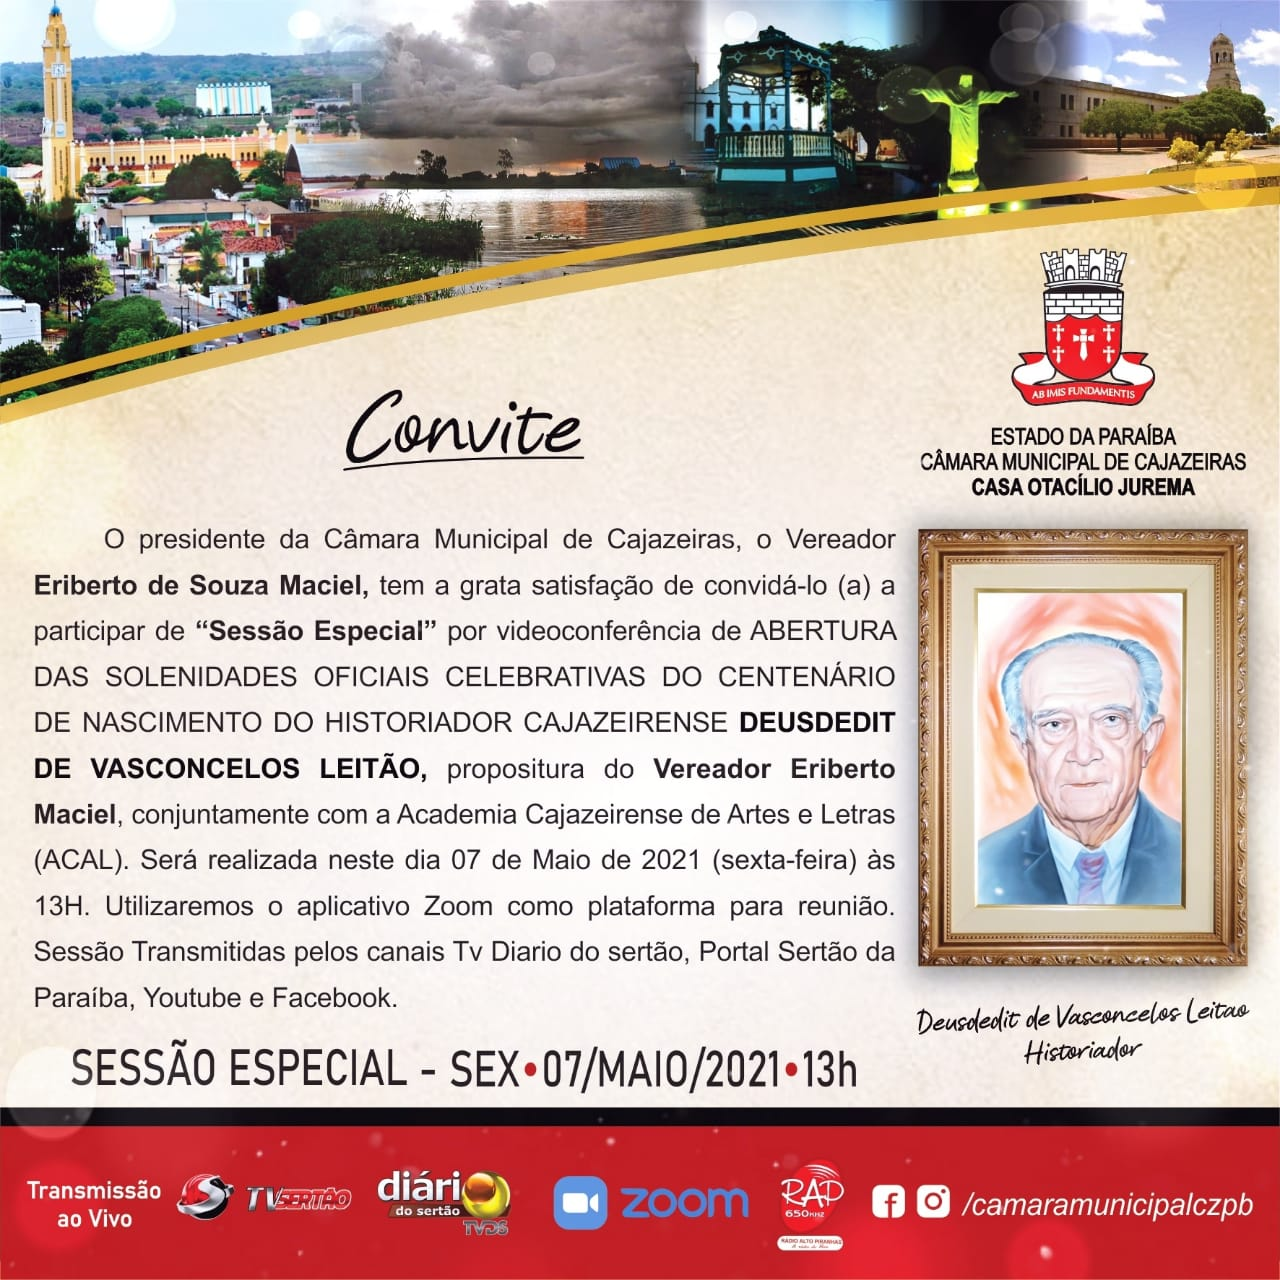 WhatsApp Image 2021 05 04 at 19.05.28 - HOMENAGEM: Câmara de Cajazeiras fará sessão pelo centenário do historiador Deusdedit Leitão